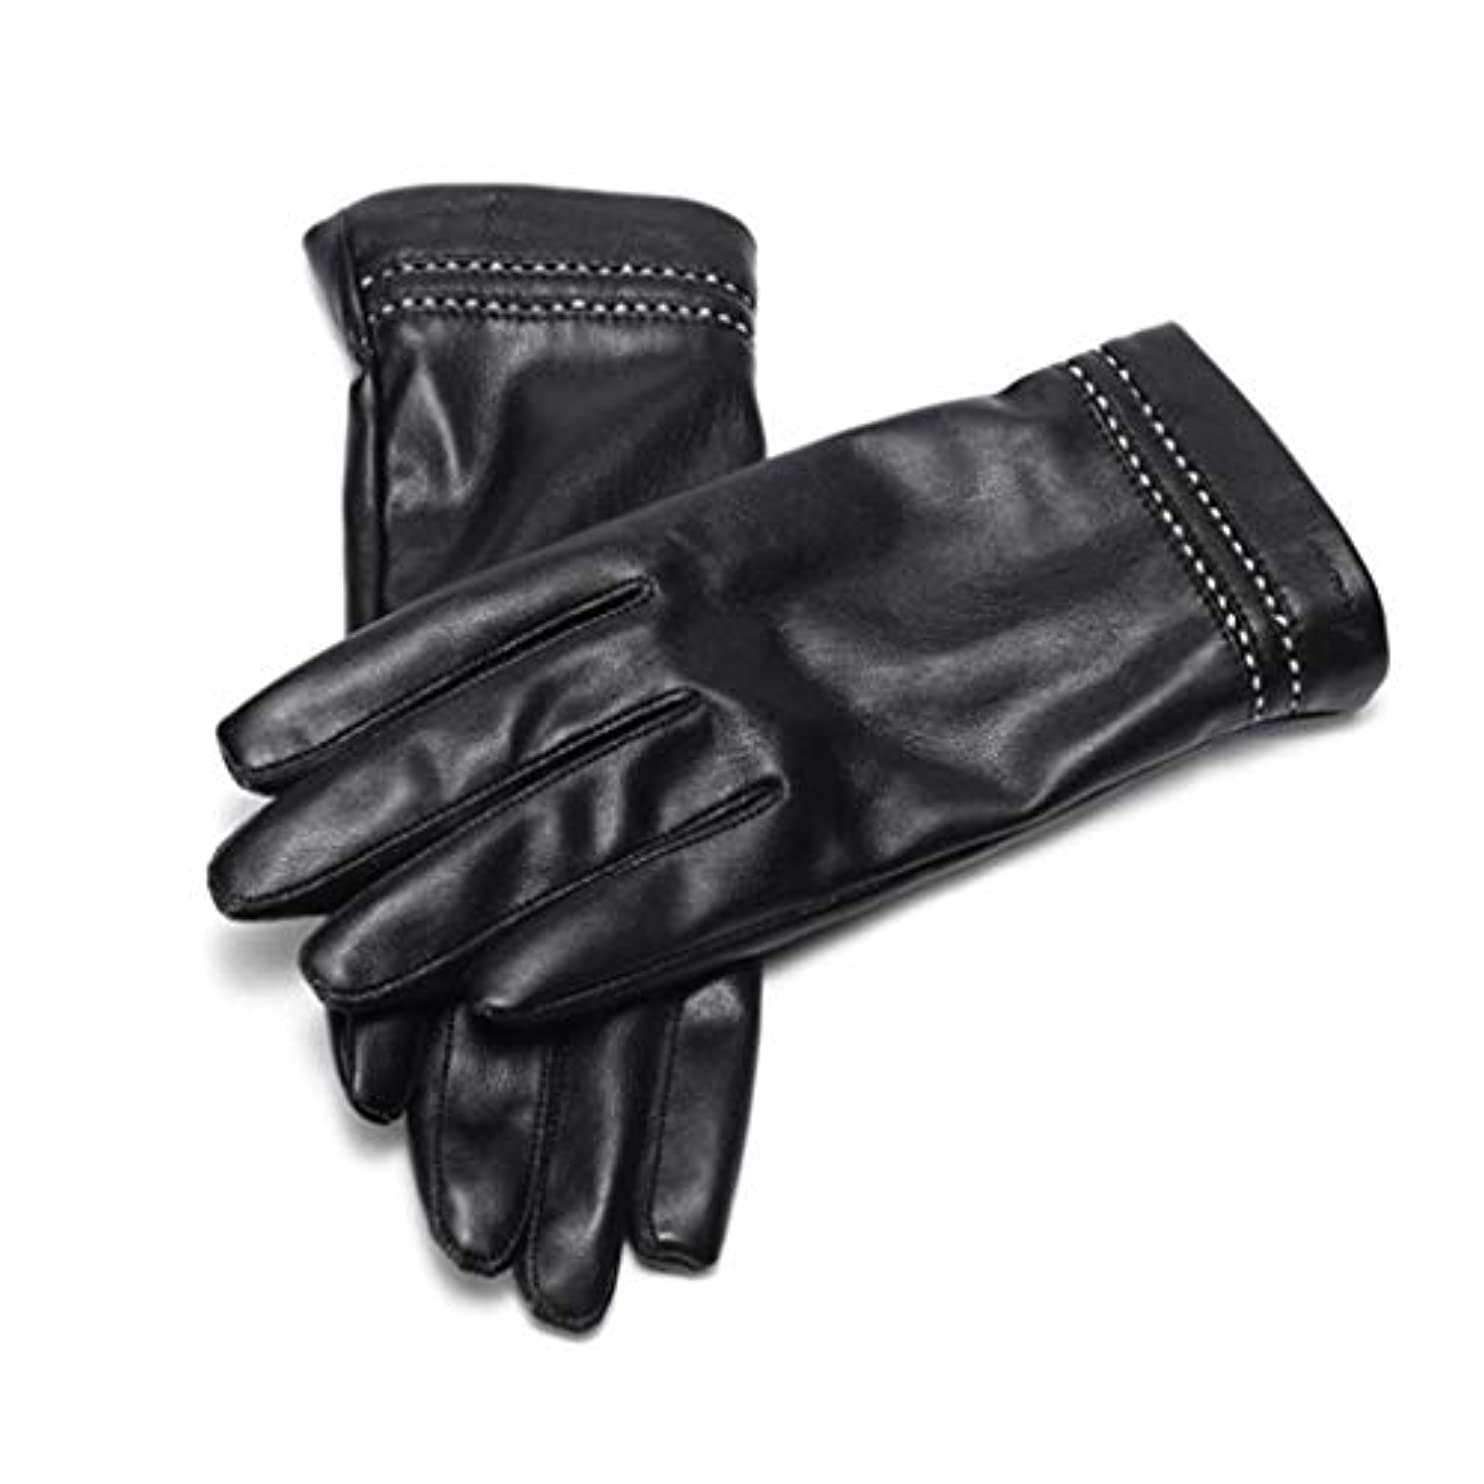 かろうじてシャーロットブロンテ強調女性の革手袋秋と冬のファッションプラスベルベット暖かい滑り止めのタッチスクリーン革手袋の女性671141003黒